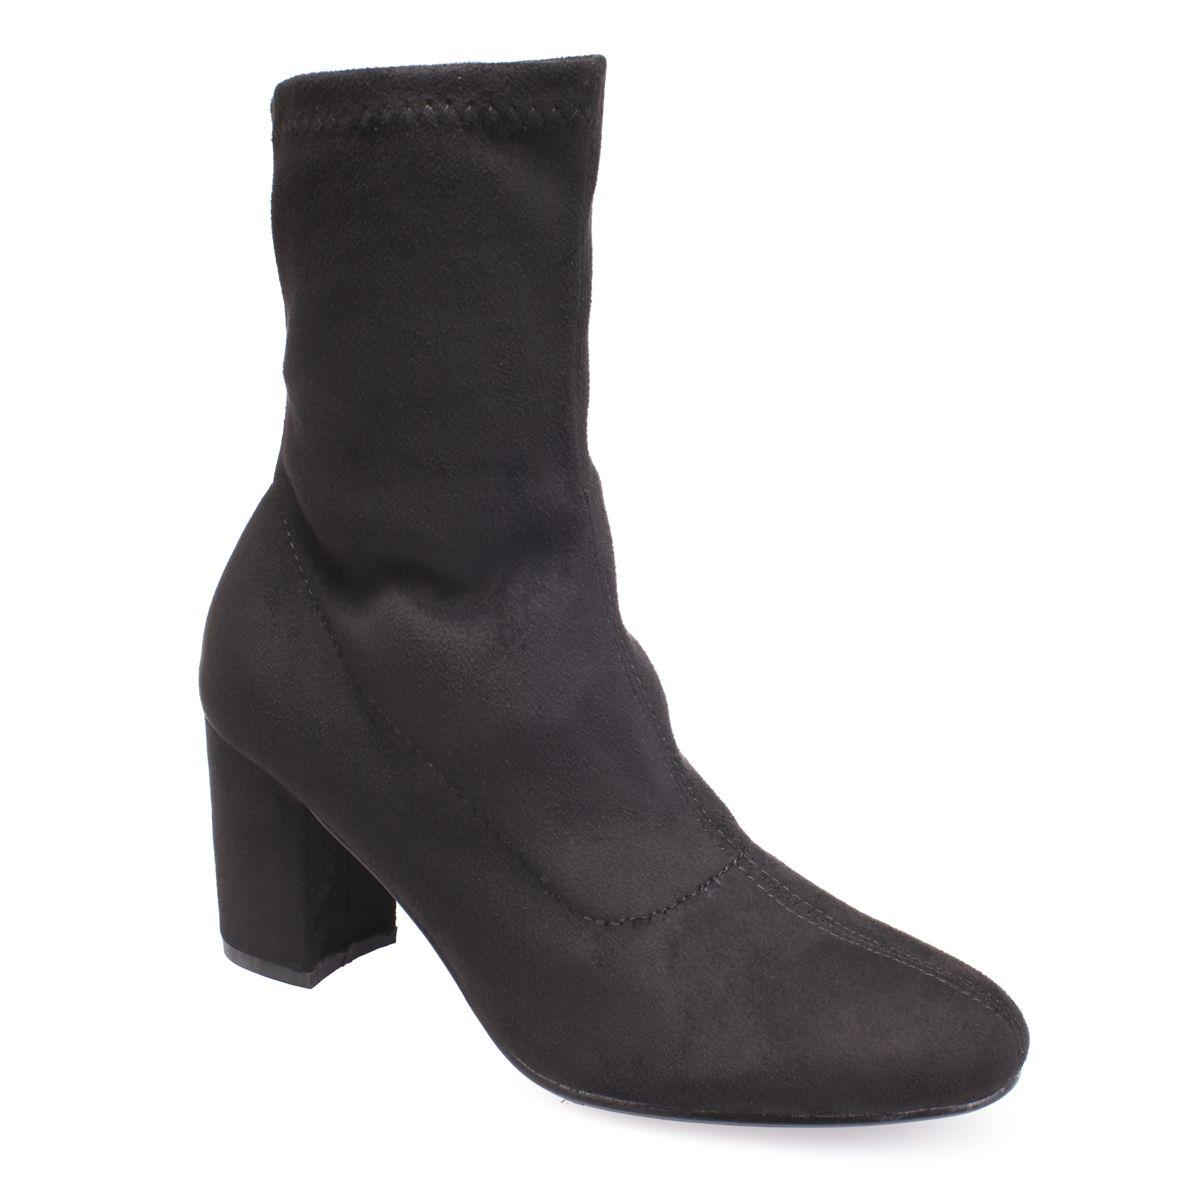 Bottines chaussettes pour femme